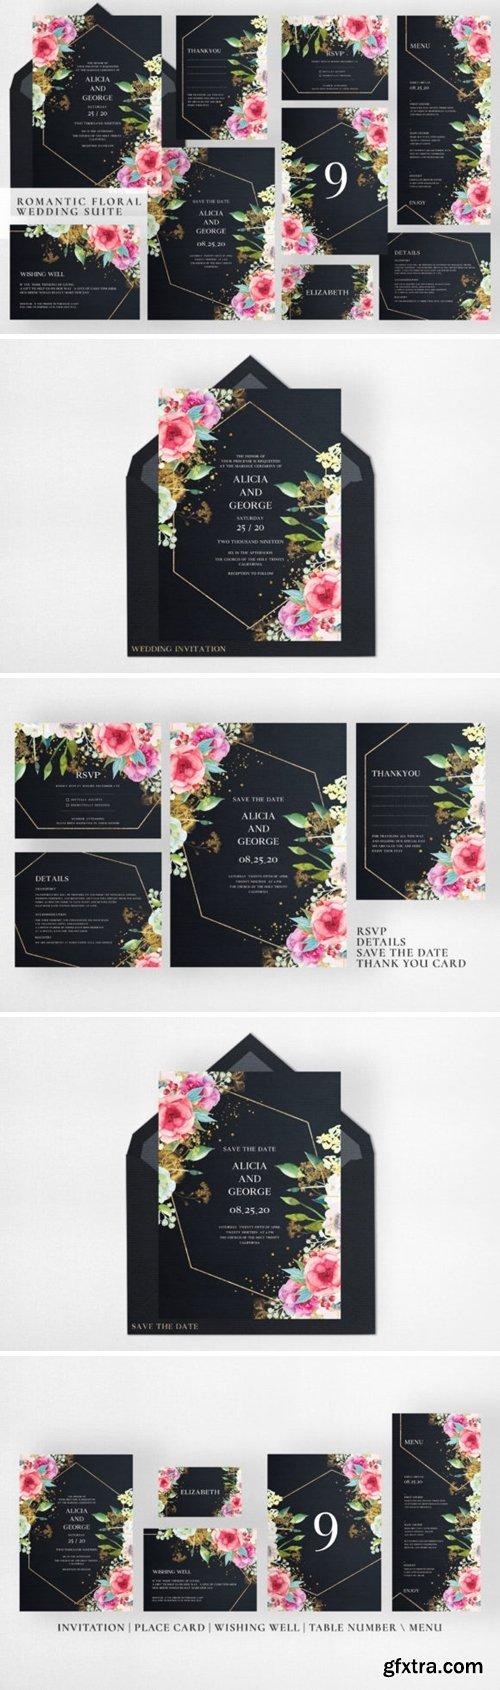 Romantic Floral Wedding Suite 1997061